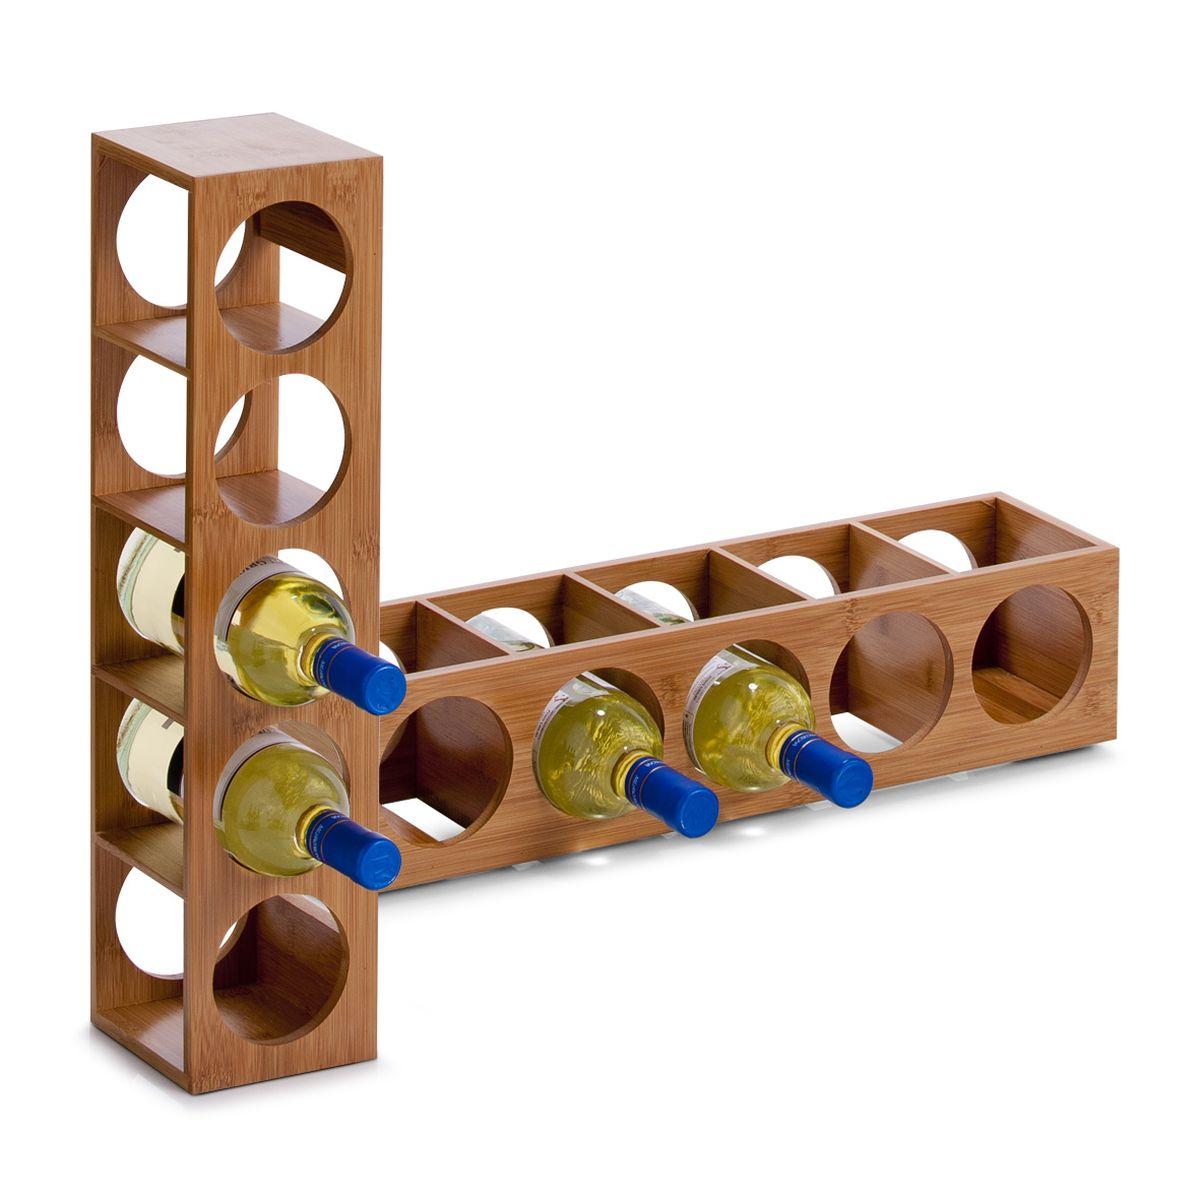 Подставка для бутылок Zeller, 13,5 х 12,5 х 53 смFA-5125 WhiteПодставка для бутылок Zeller служит для размещения 5винных или пивных бутылок. Изготовлена подставка из высококачественной древесины. Устойчивая форма, удобство, надежная конструкция - все это делает подставку надежным и практичным аксессуаром. Кроме того, такая подставка стильно дополнит кухонный интерьер.Диаметр отверстия для бутылки: 9 см.